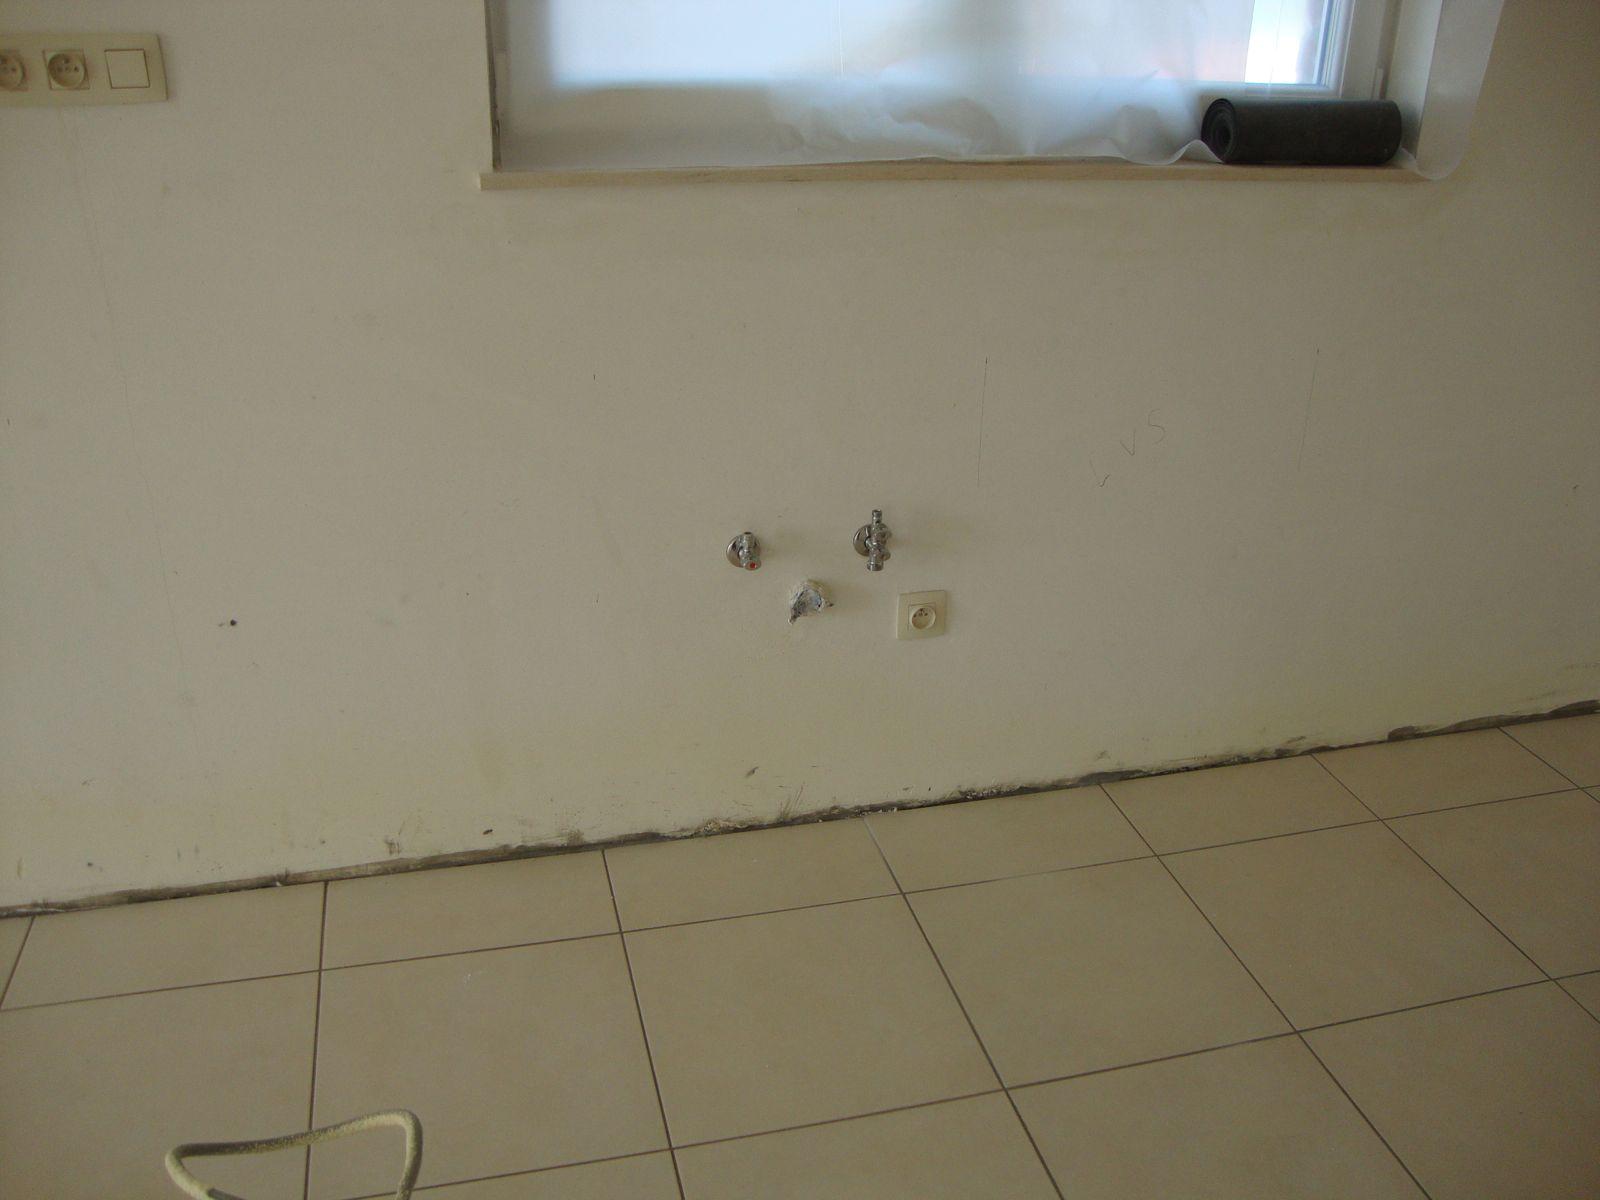 Sanitaristes suite et fin vendredi roselineetfabrice - Lave vaisselle sans arrivee d eau ...